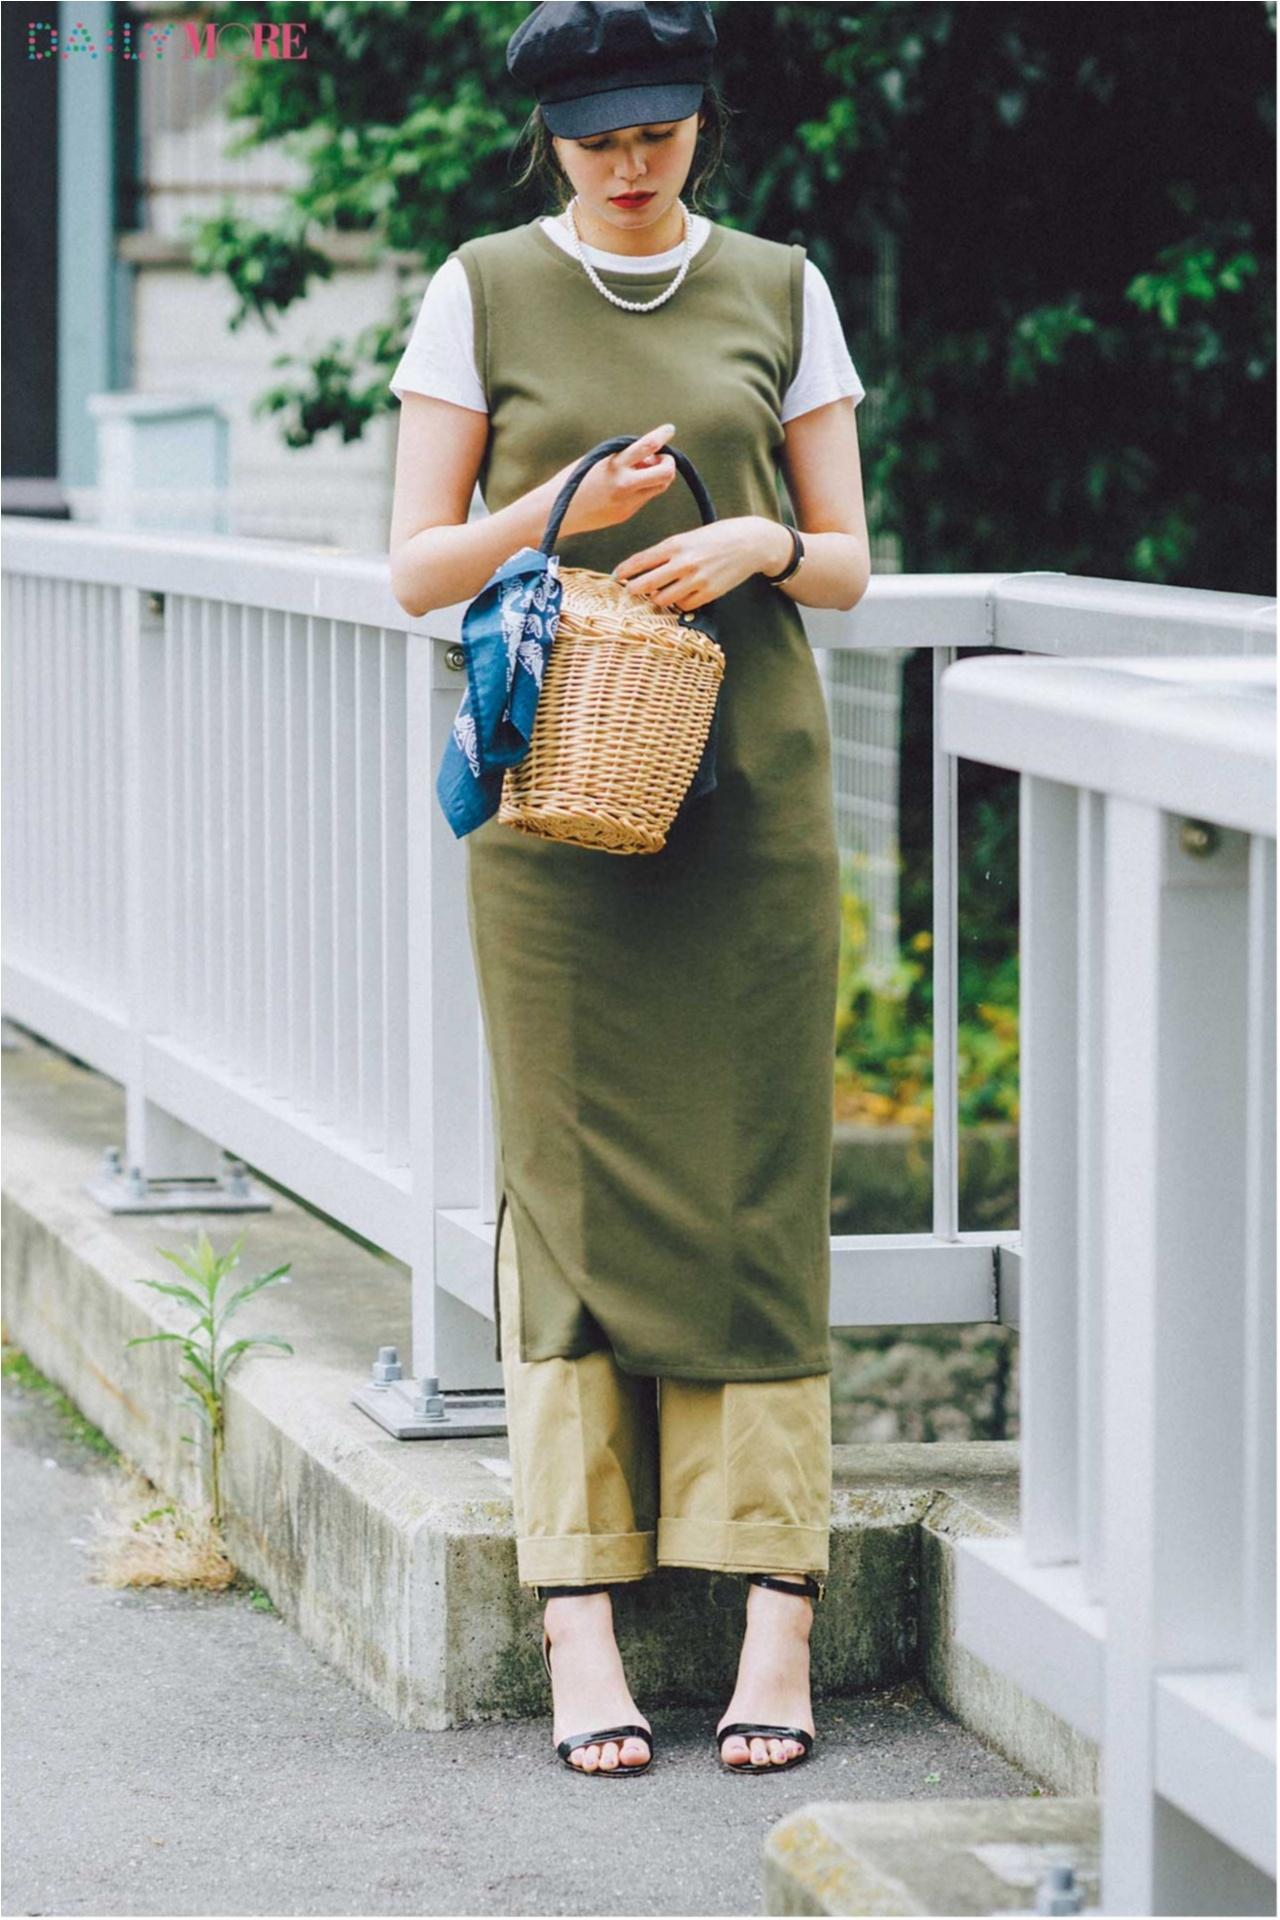 楽してかわいく夏らしく♪ 「サマードレス」コーデまとめ♡_1_1